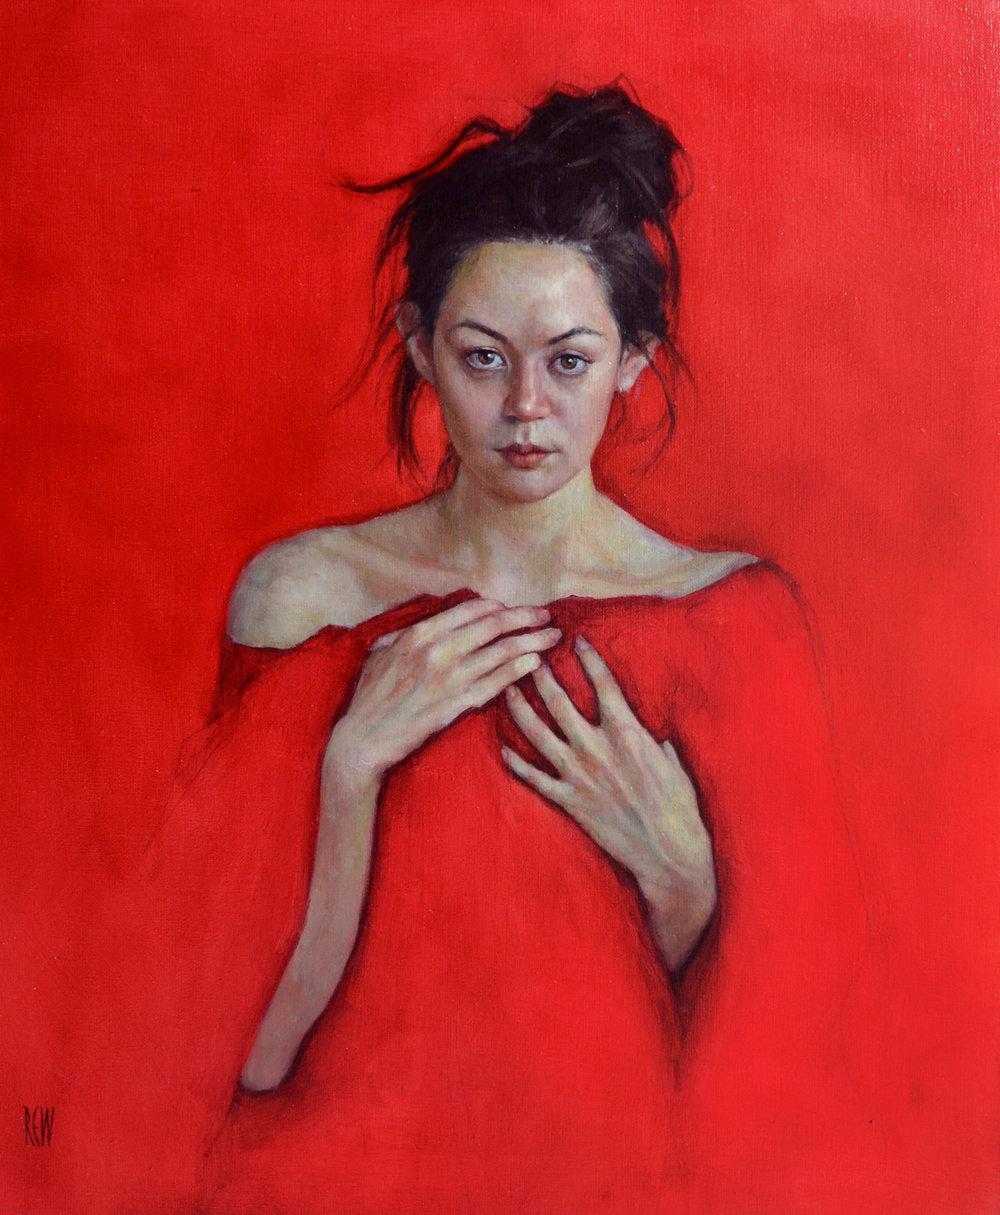 Crimson Heart,Oil on linen, 50x60cm